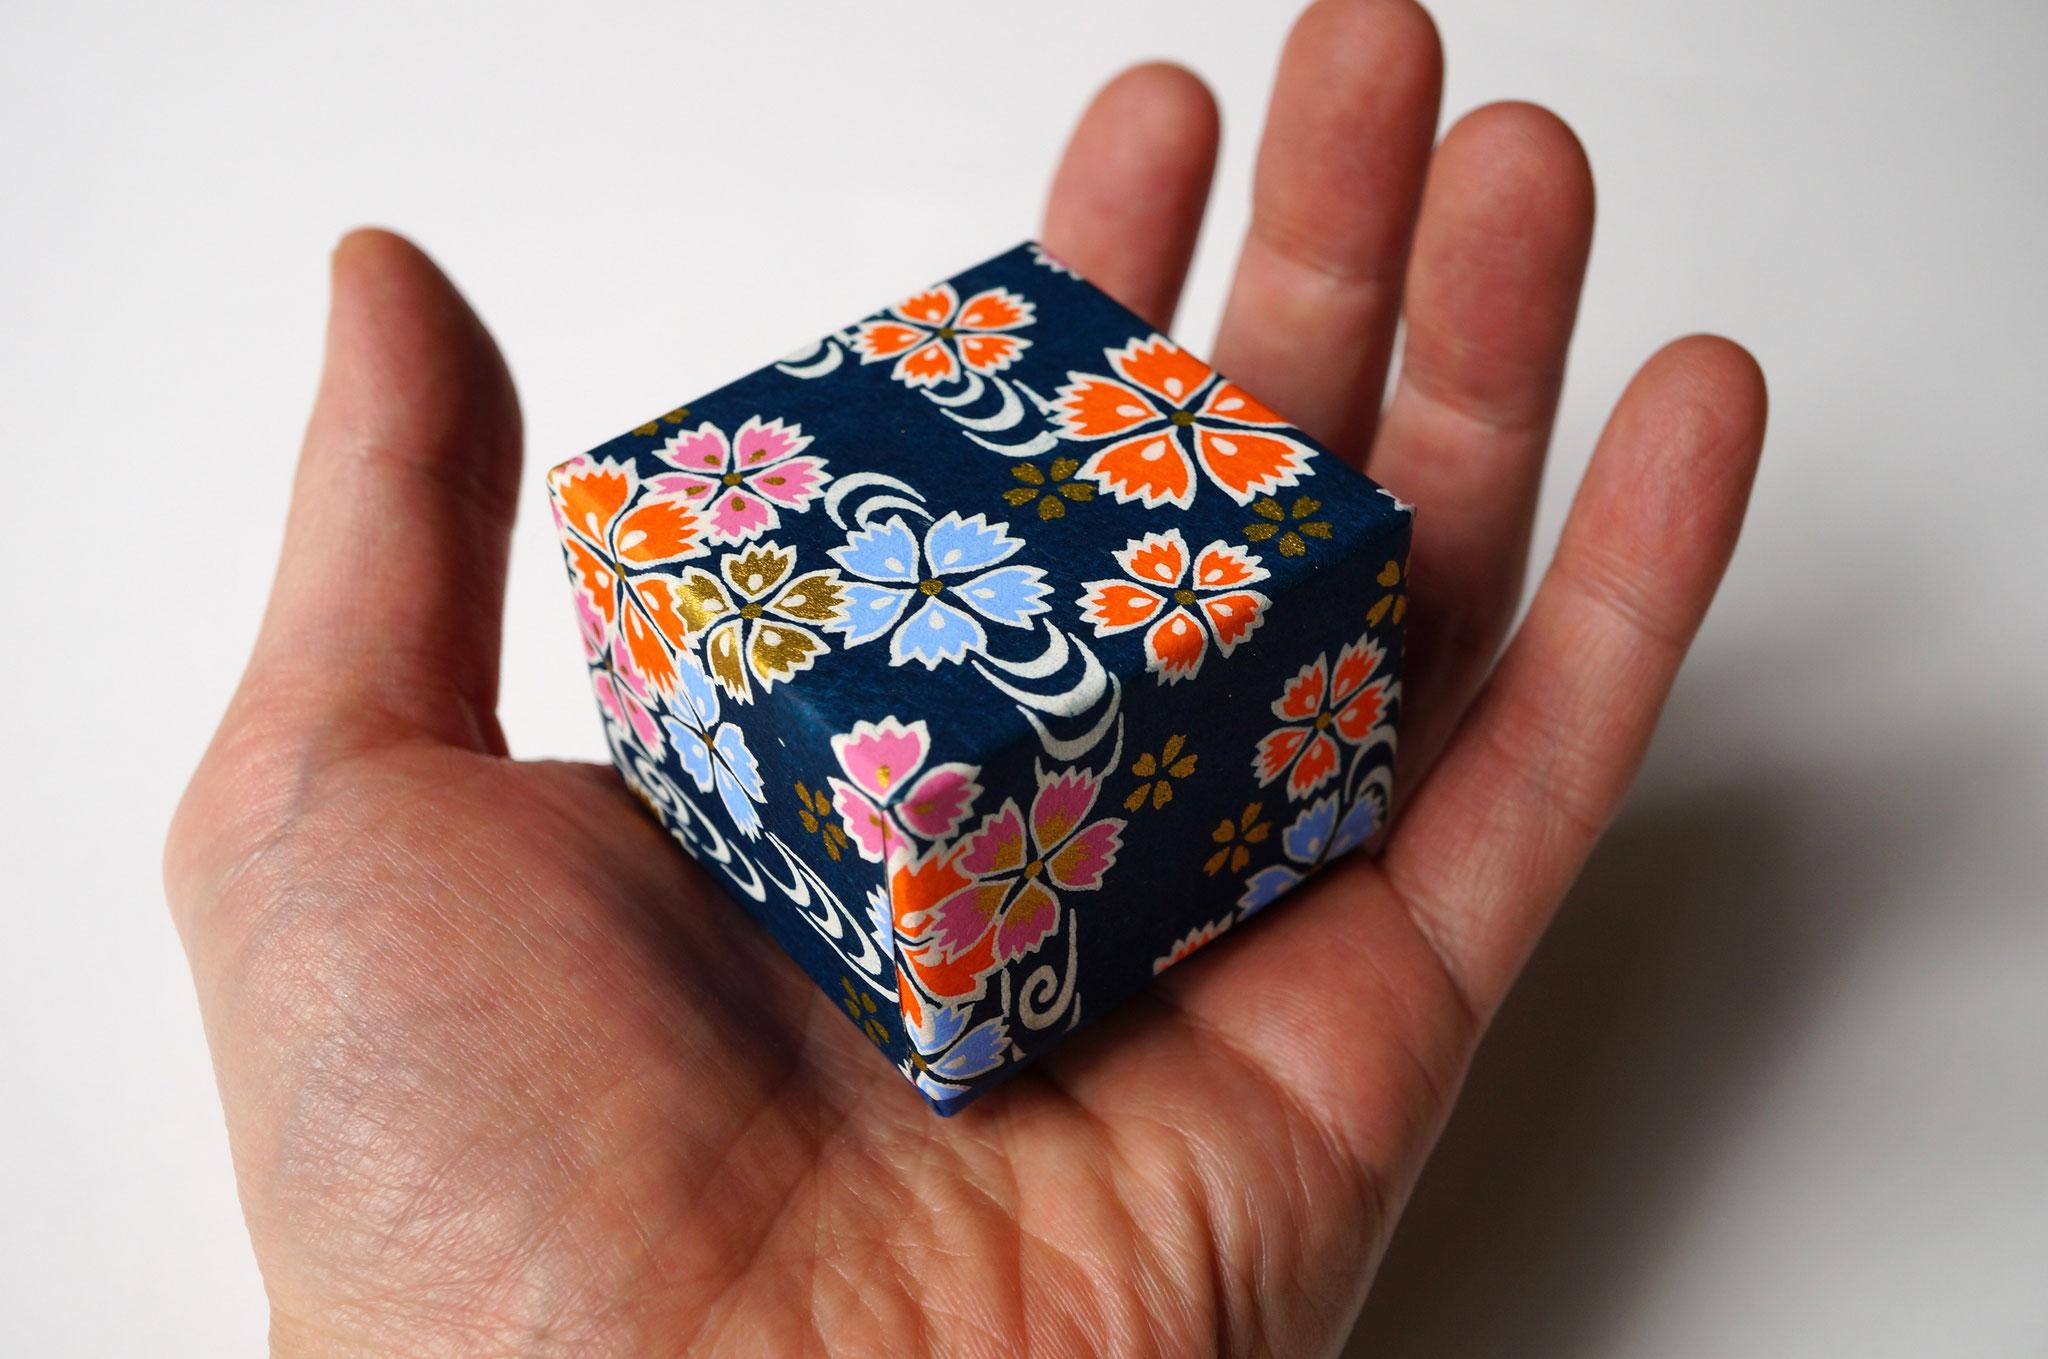 千代紙で手のひらサイズの小さな貼り箱も作製可能です